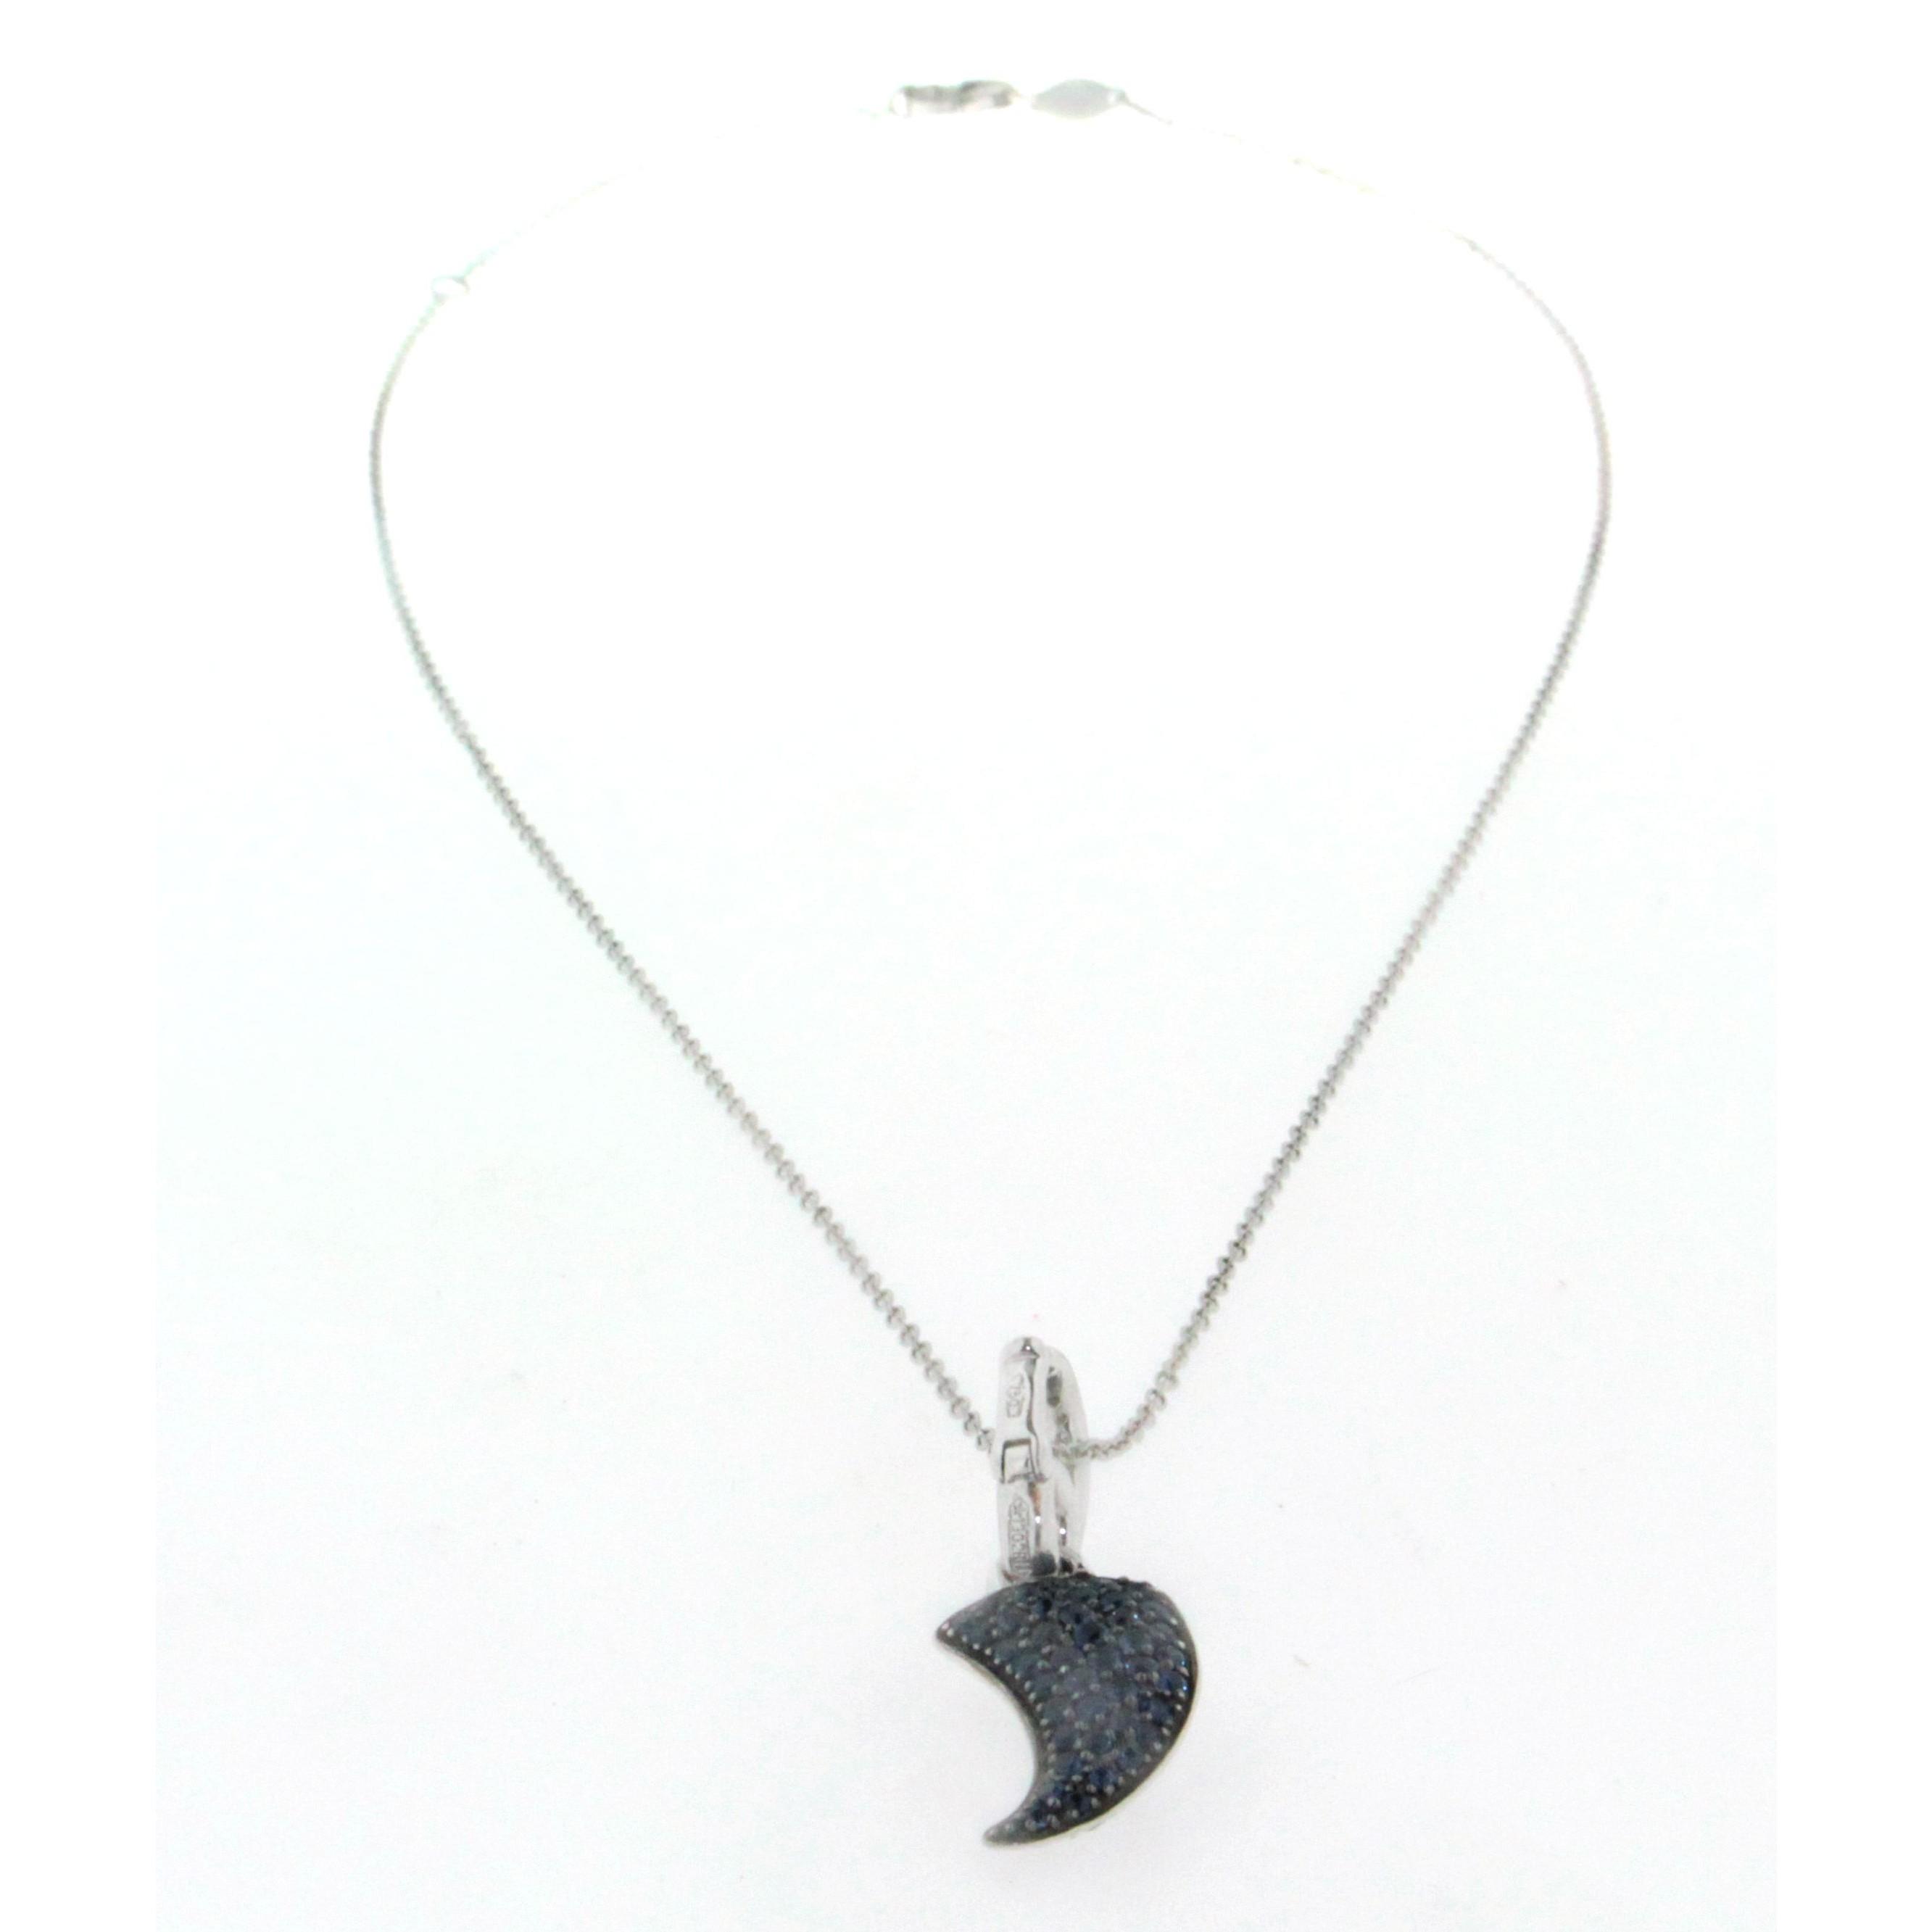 collier cha ne en or blanc 18k avec pendentif corne porte bonheur pav de diamants d un c t et. Black Bedroom Furniture Sets. Home Design Ideas